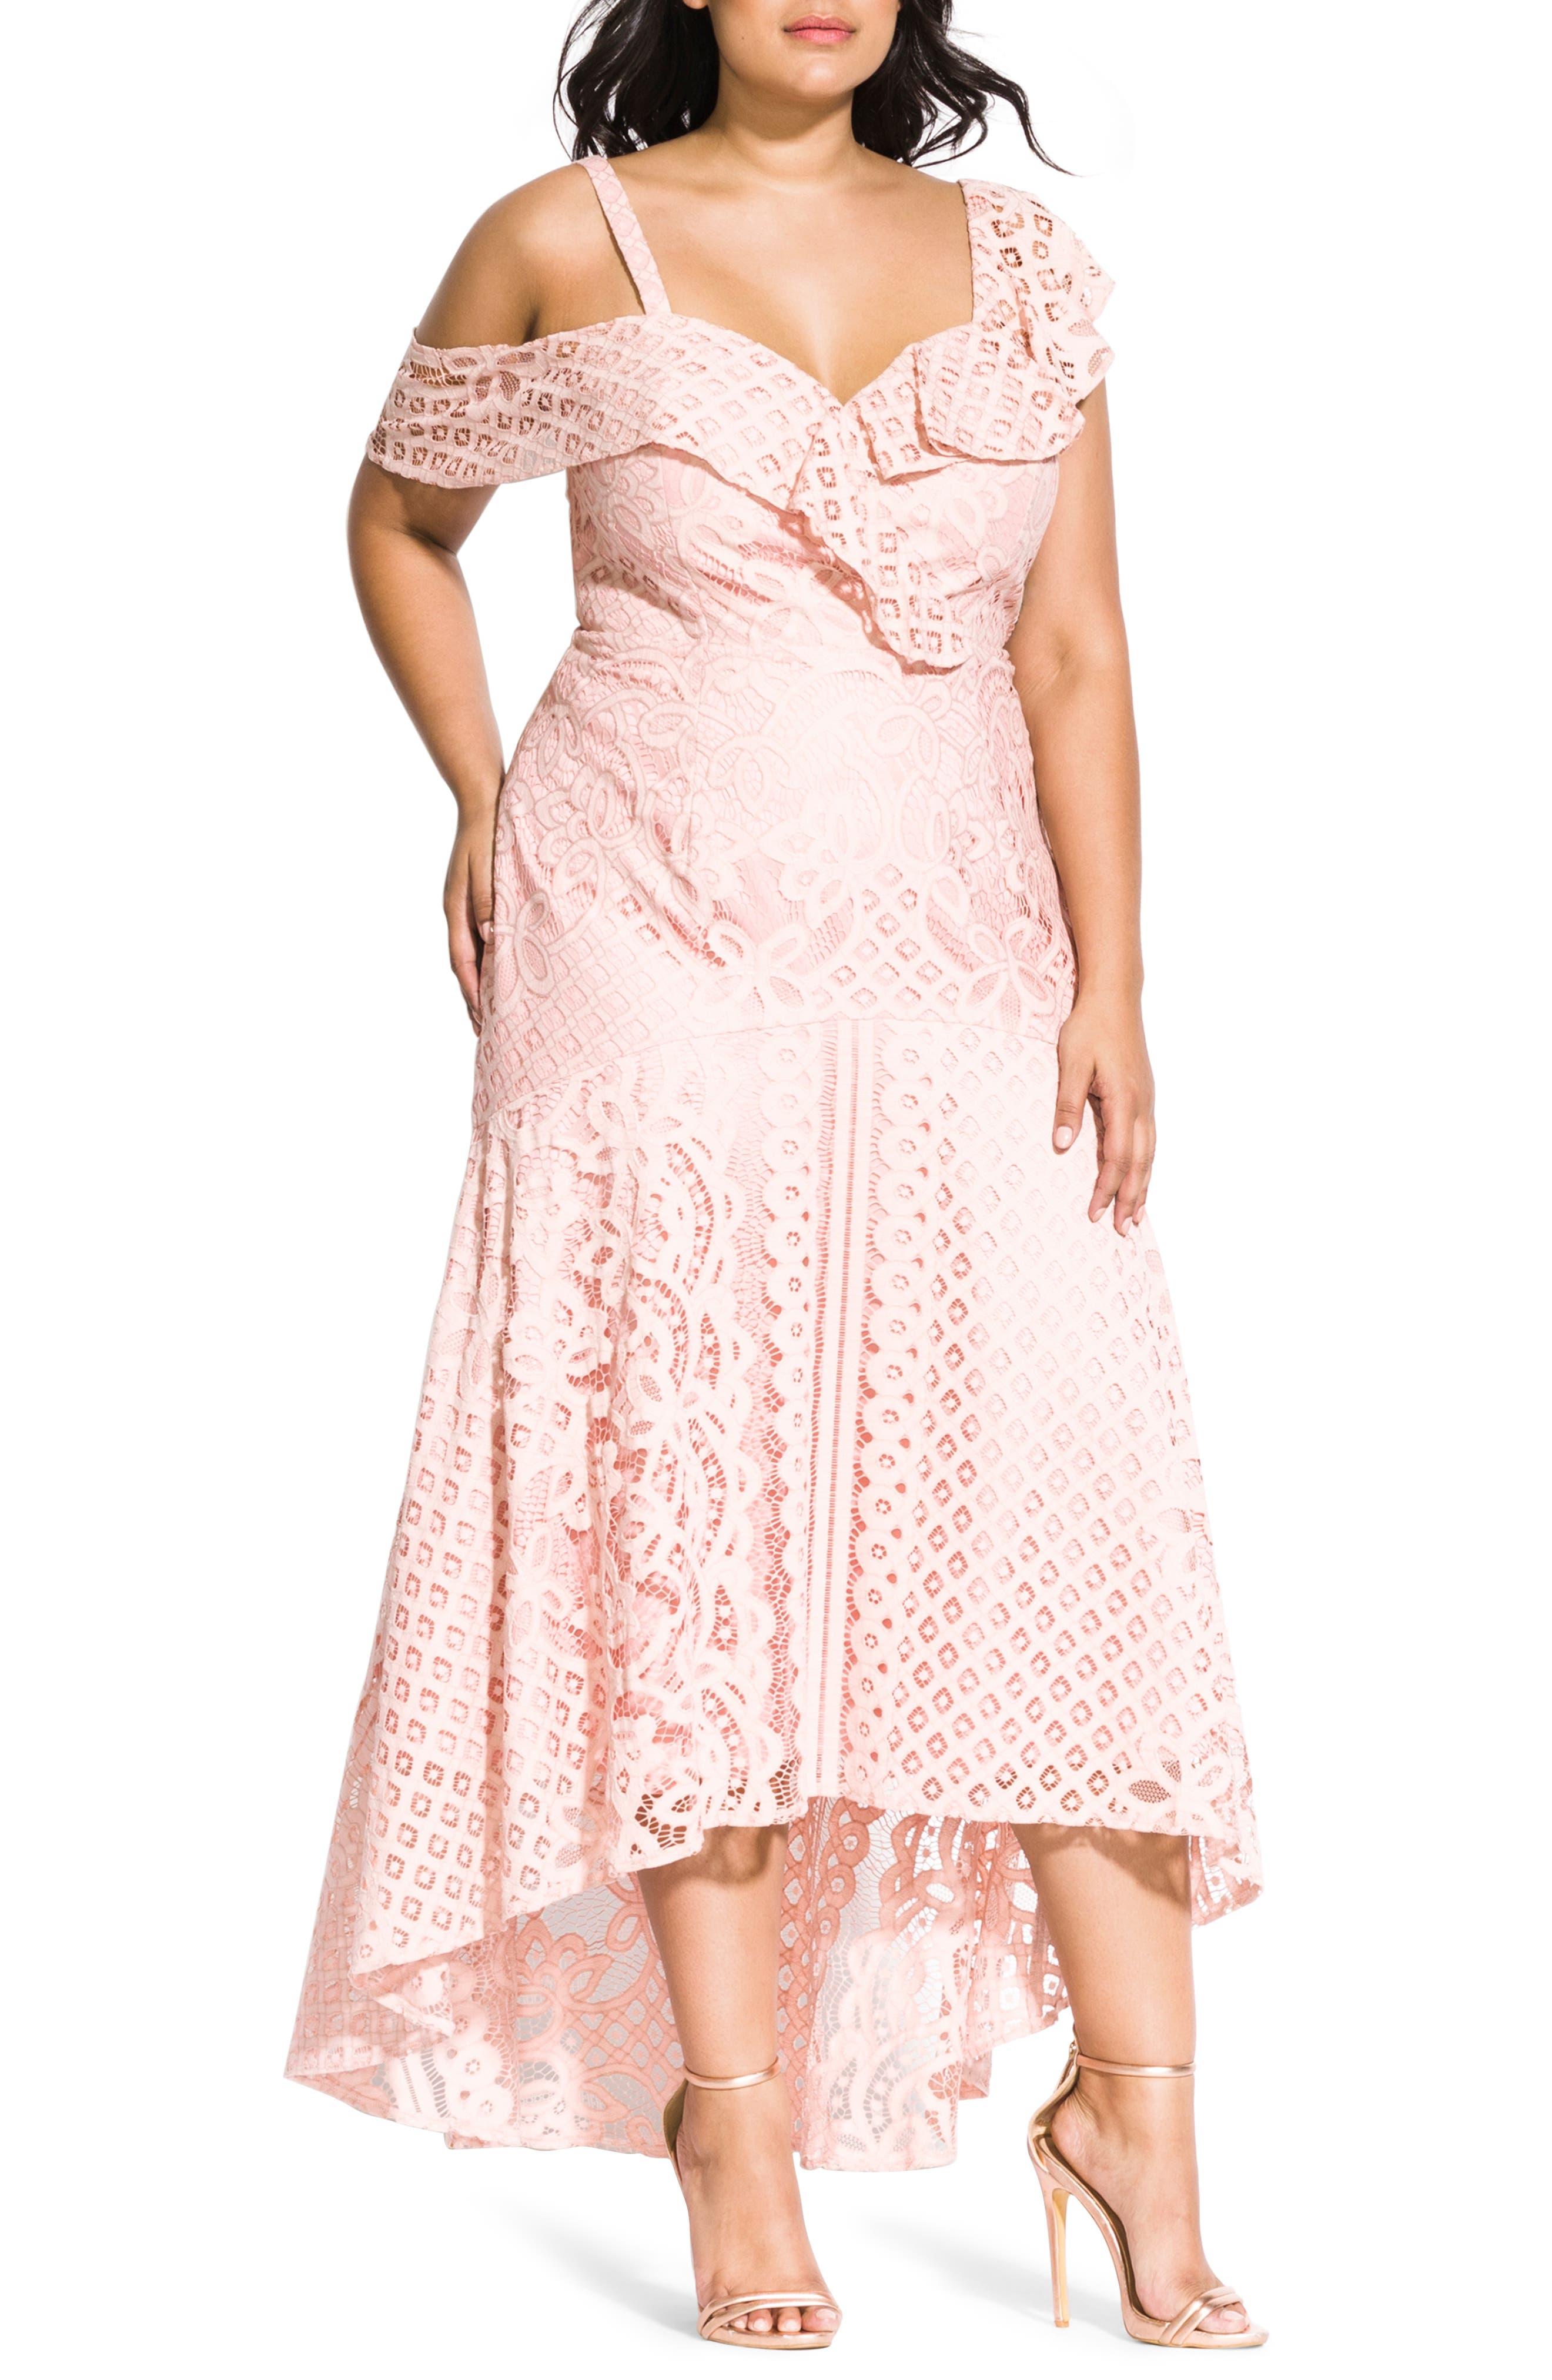 Plus Size City Chic Femme Fatale Maxi Dress, Pink